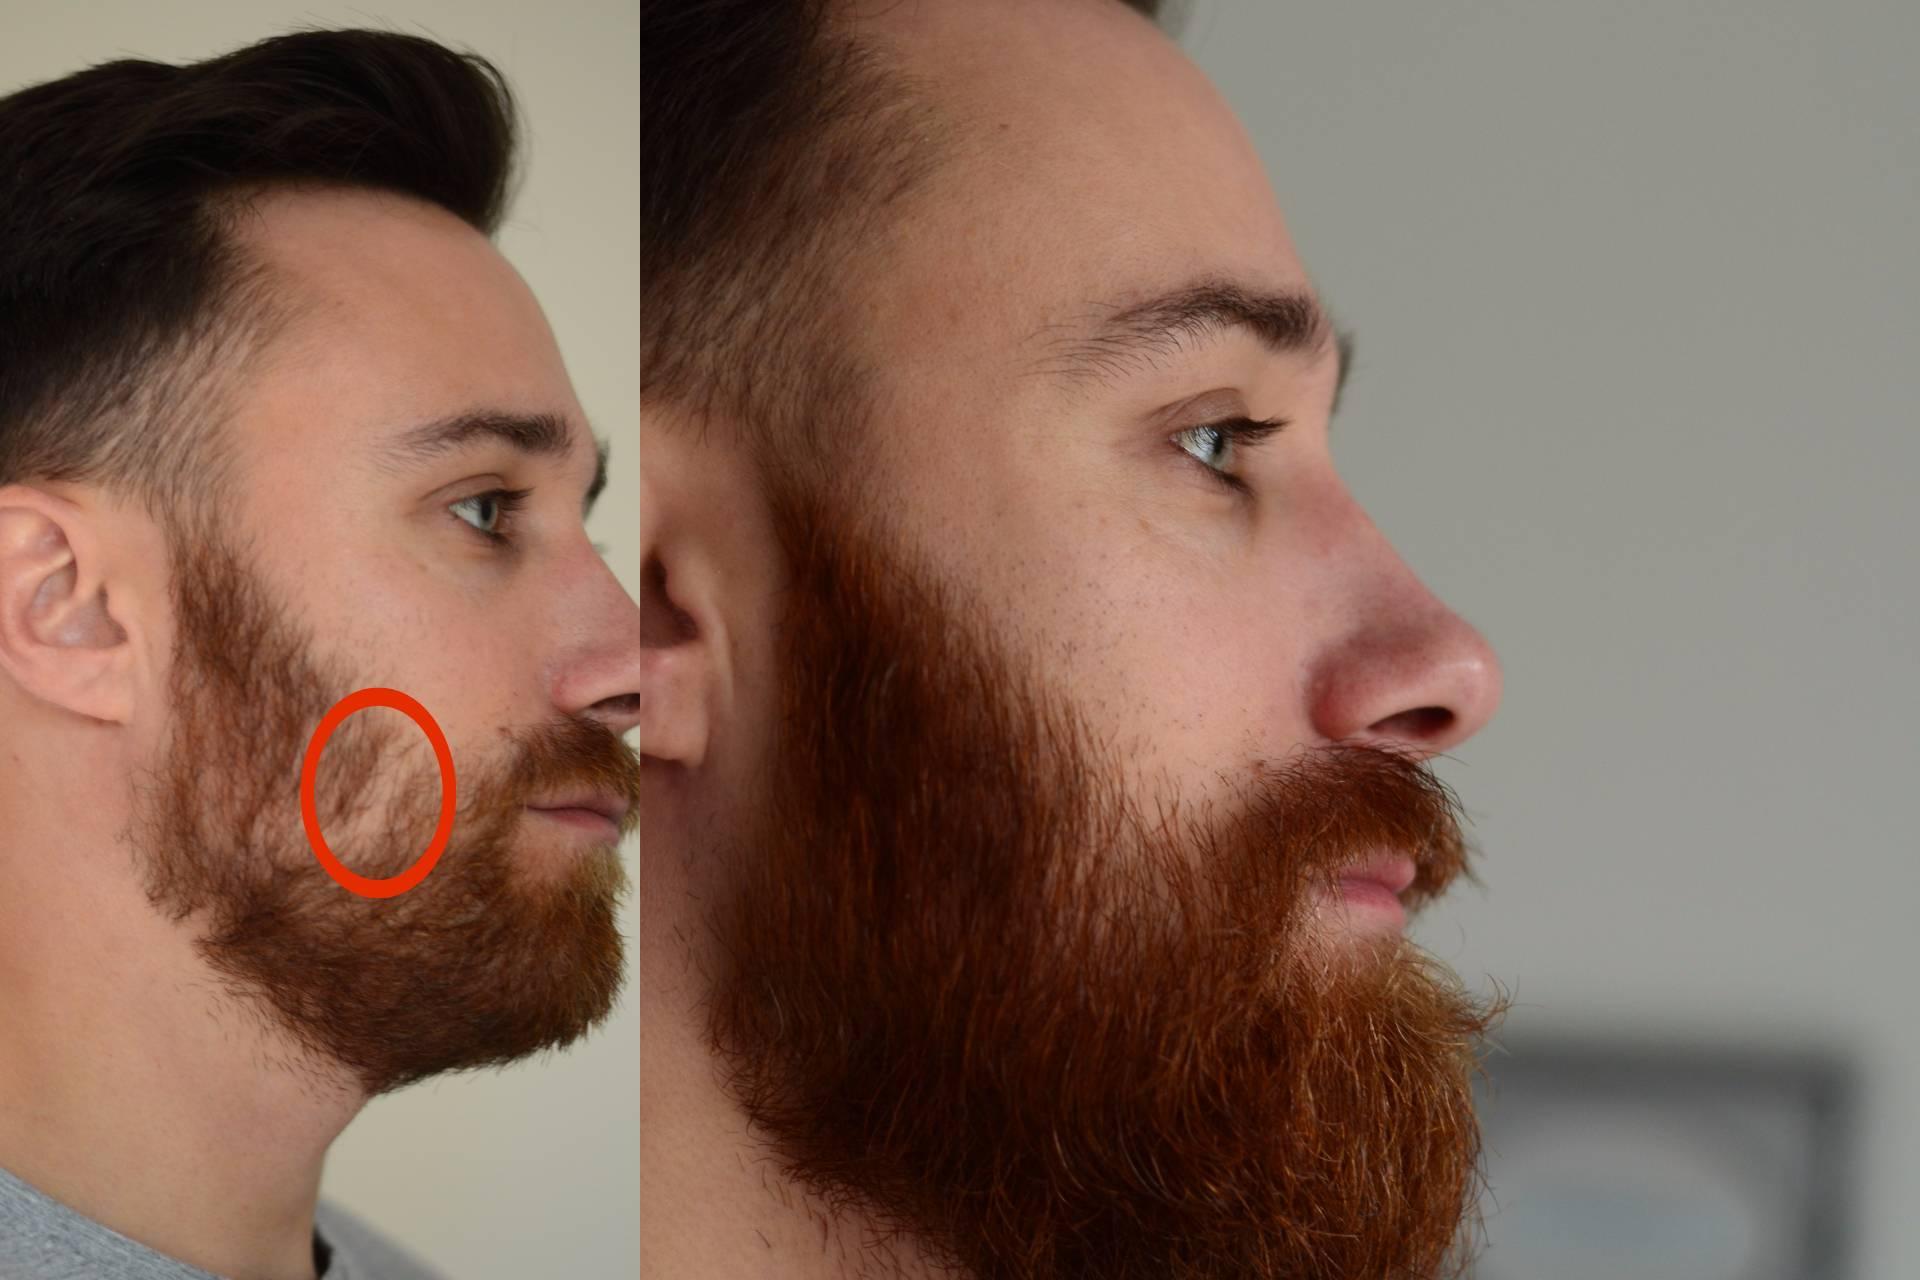 10 Tipps Was Du Gegen Lücken Im Bart Tun Kannst